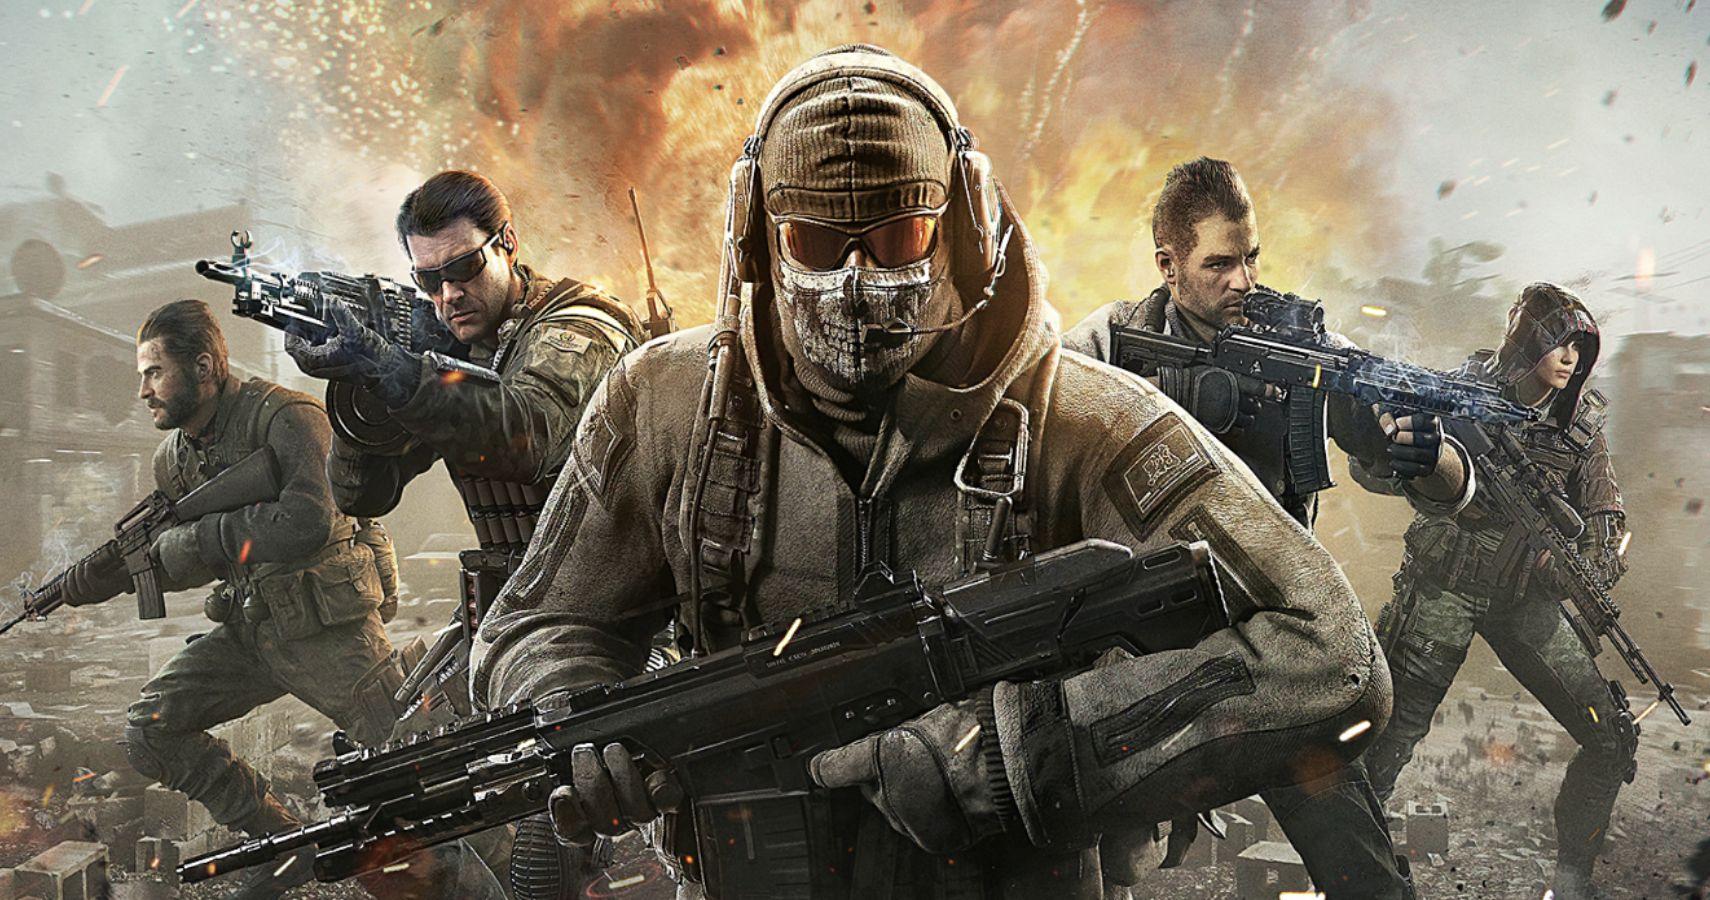 Команда мобильной Call of Duty поздравила игроков, уничтожив 2020 год